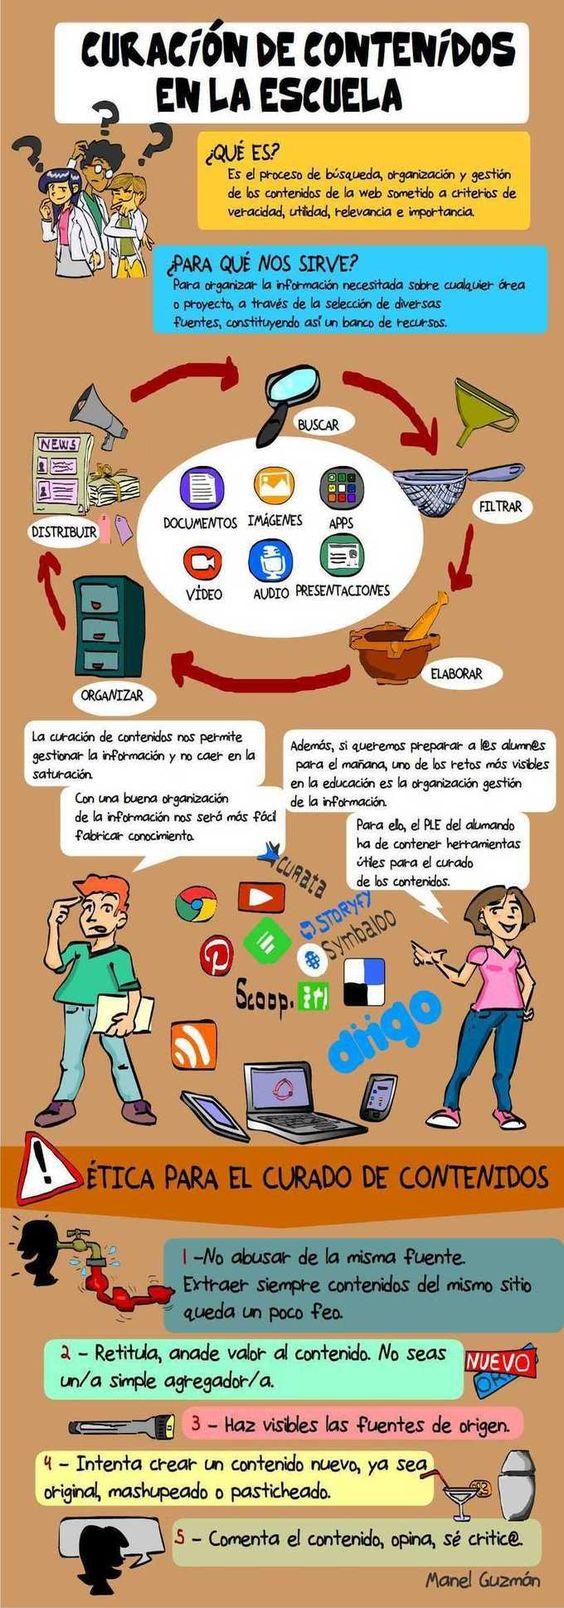 Curación de contenidos en la escuela #infografia « Educacion – articuloseducativos.es